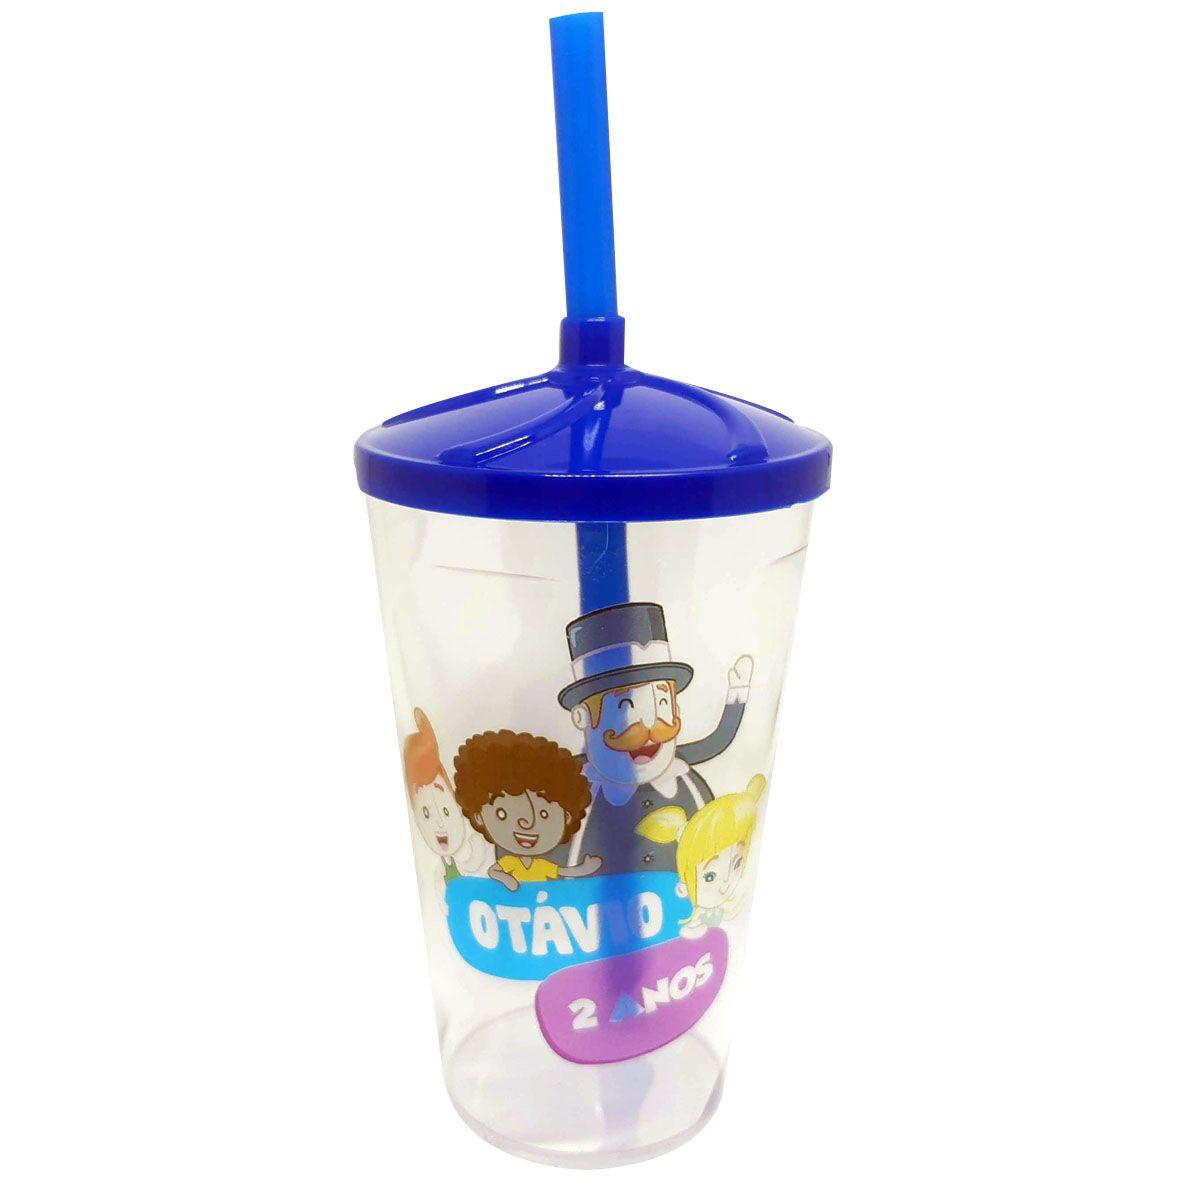 10x Copo Milk Shake Transparente Personalizado 500ml - Pacote com 10 unidades